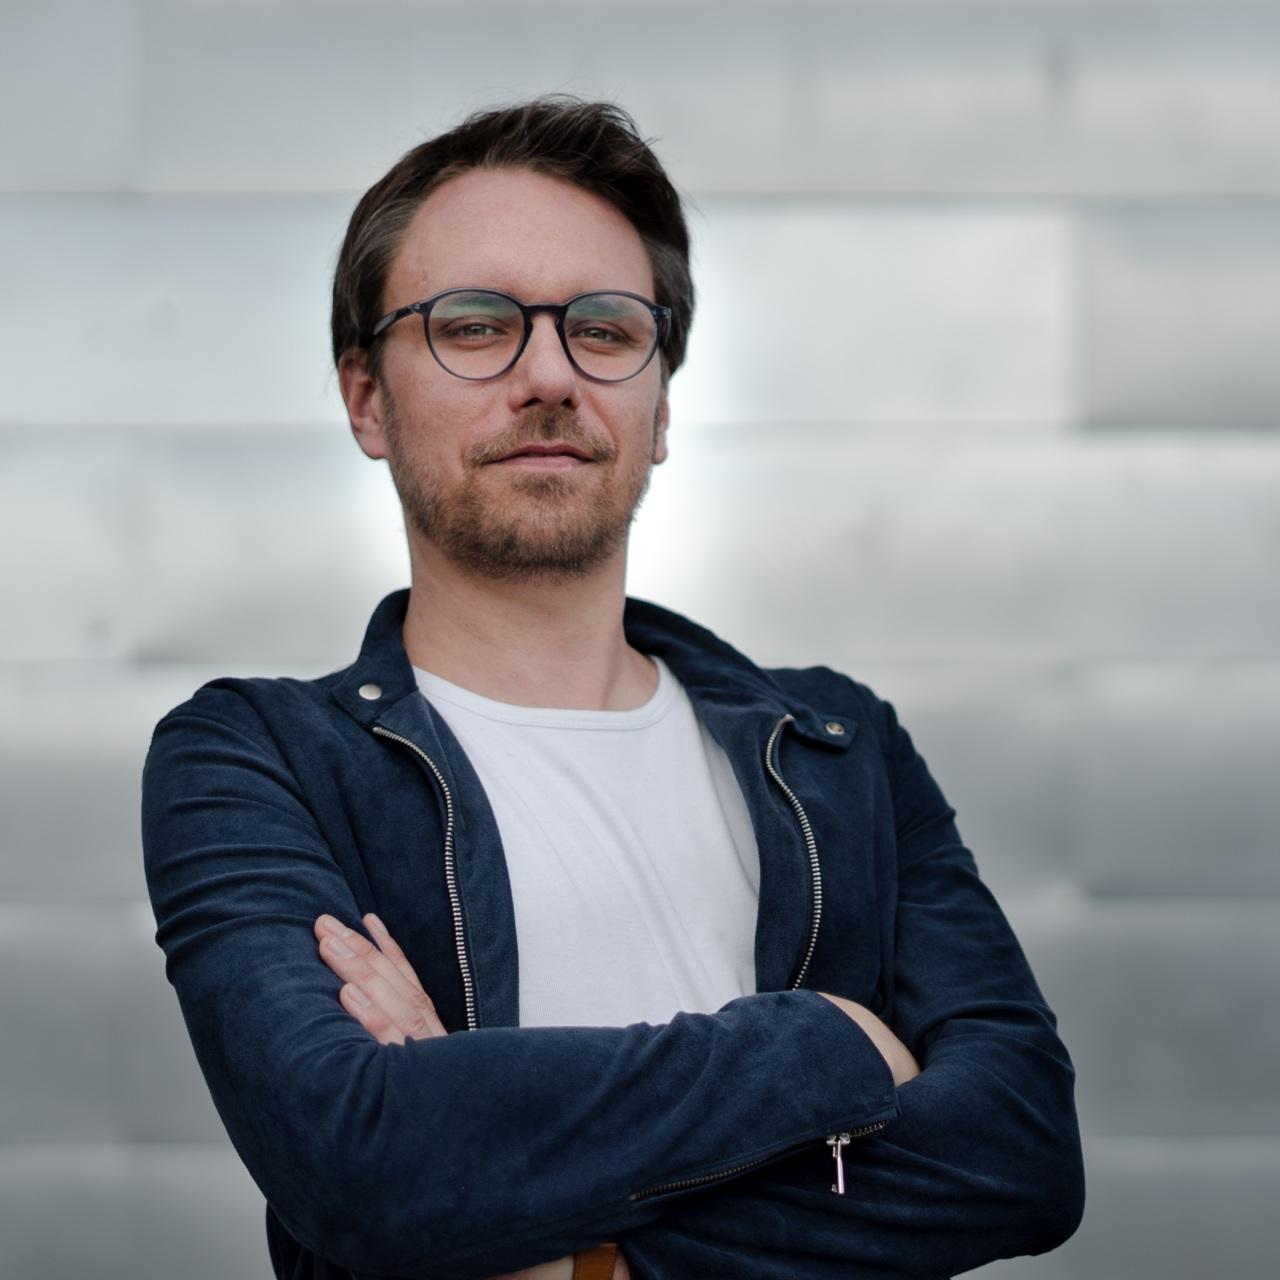 Moritz Schulz